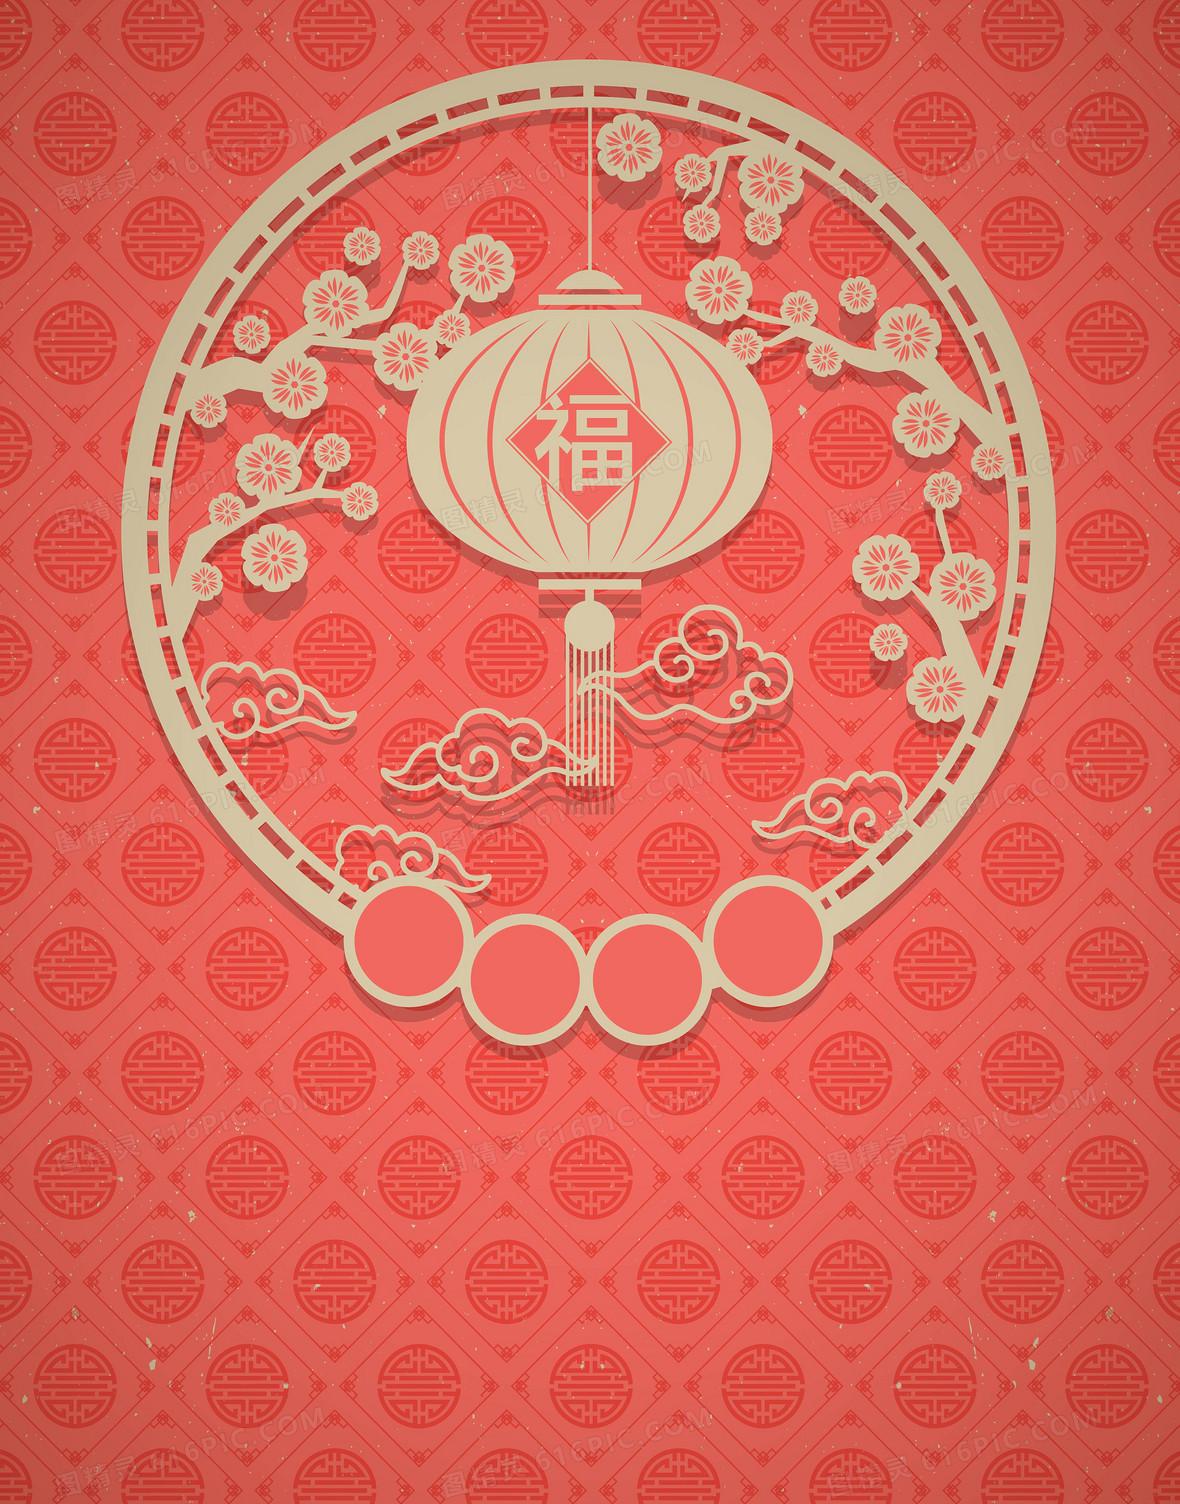 矢量中国风底纹福字灯笼背景素材